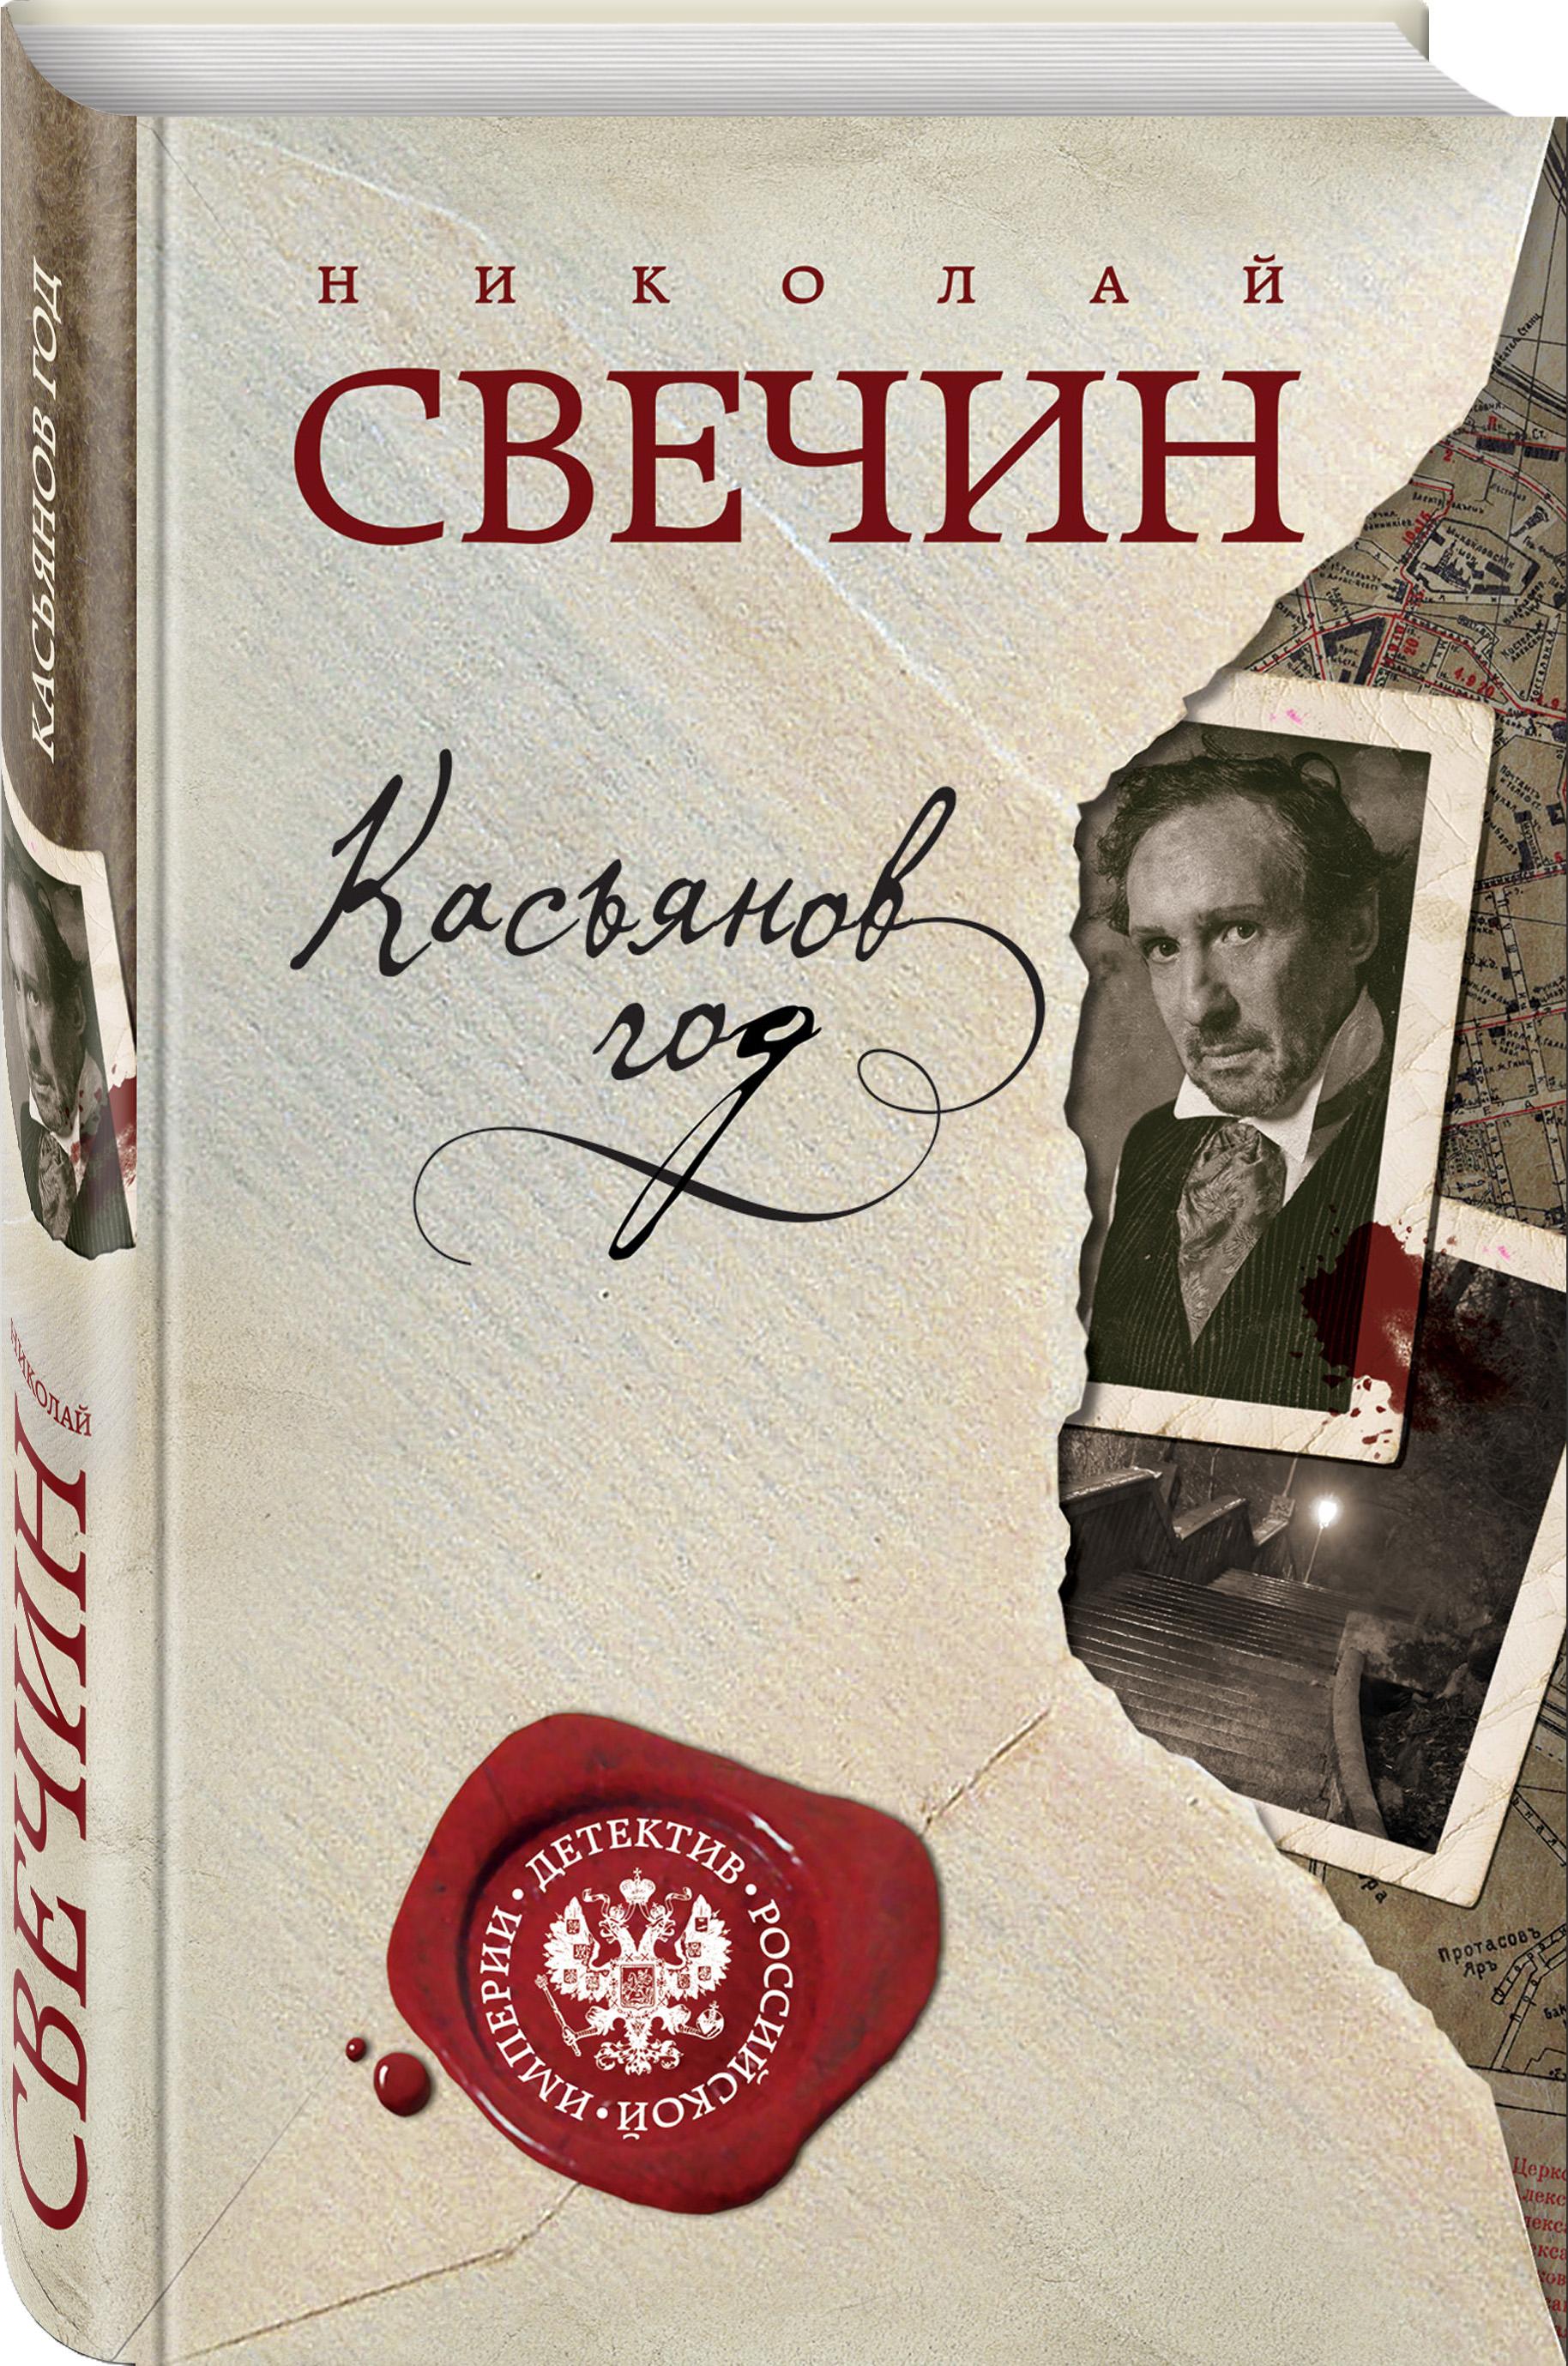 Касьянов год ( Свечин Н.  )